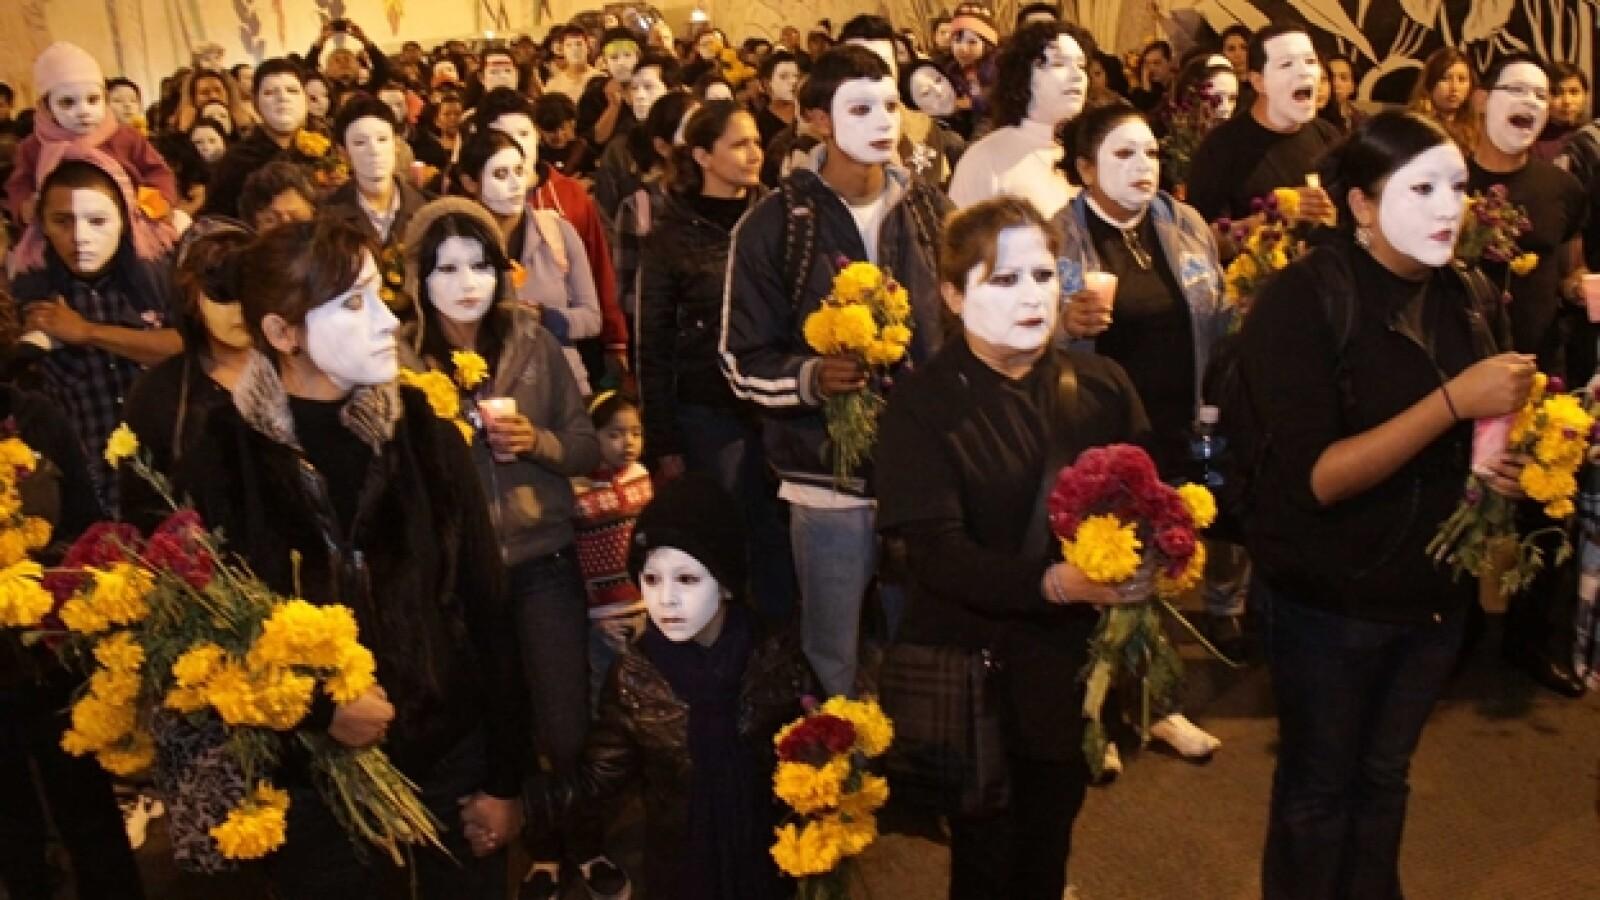 Mov por la paz Xalapa Veracruz